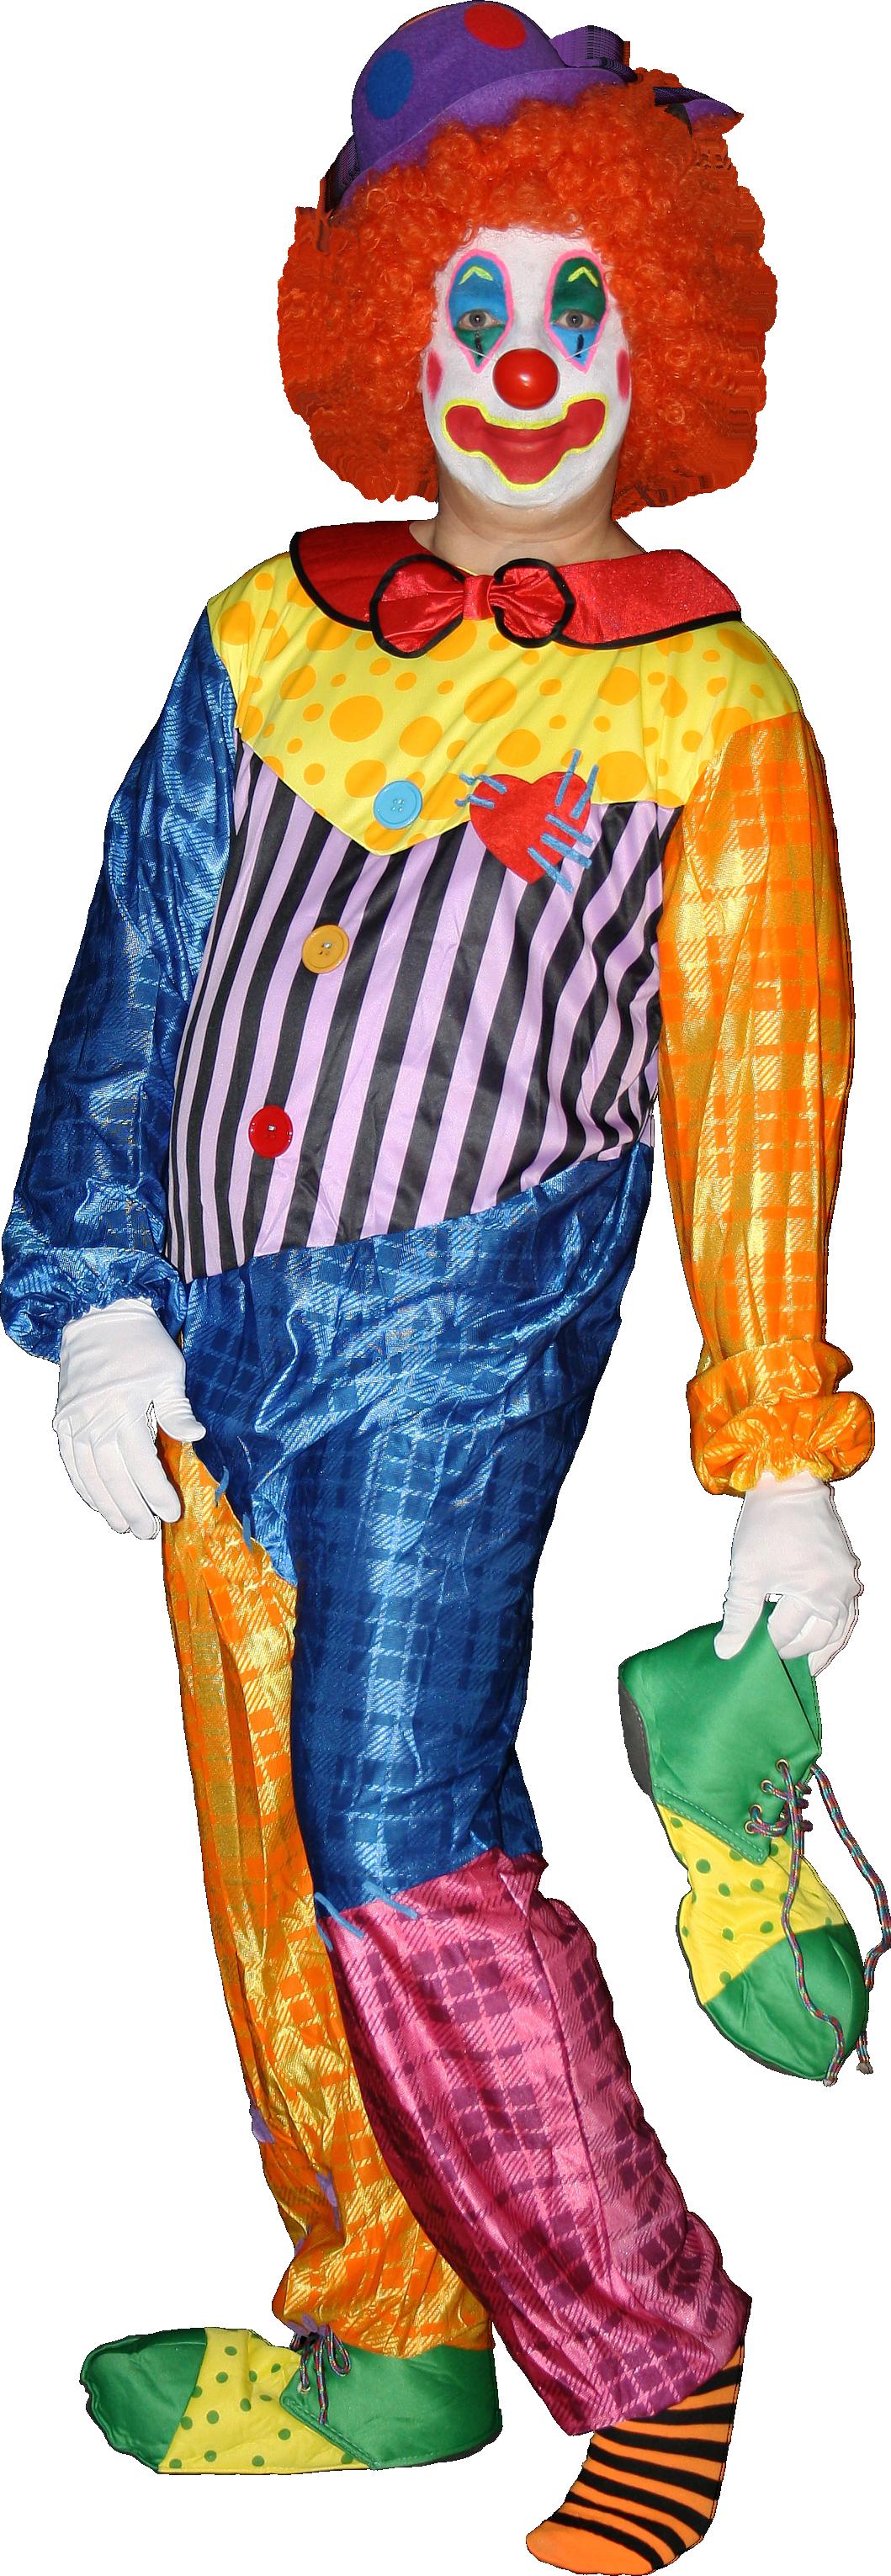 Clown Cutout, Clown Cutout